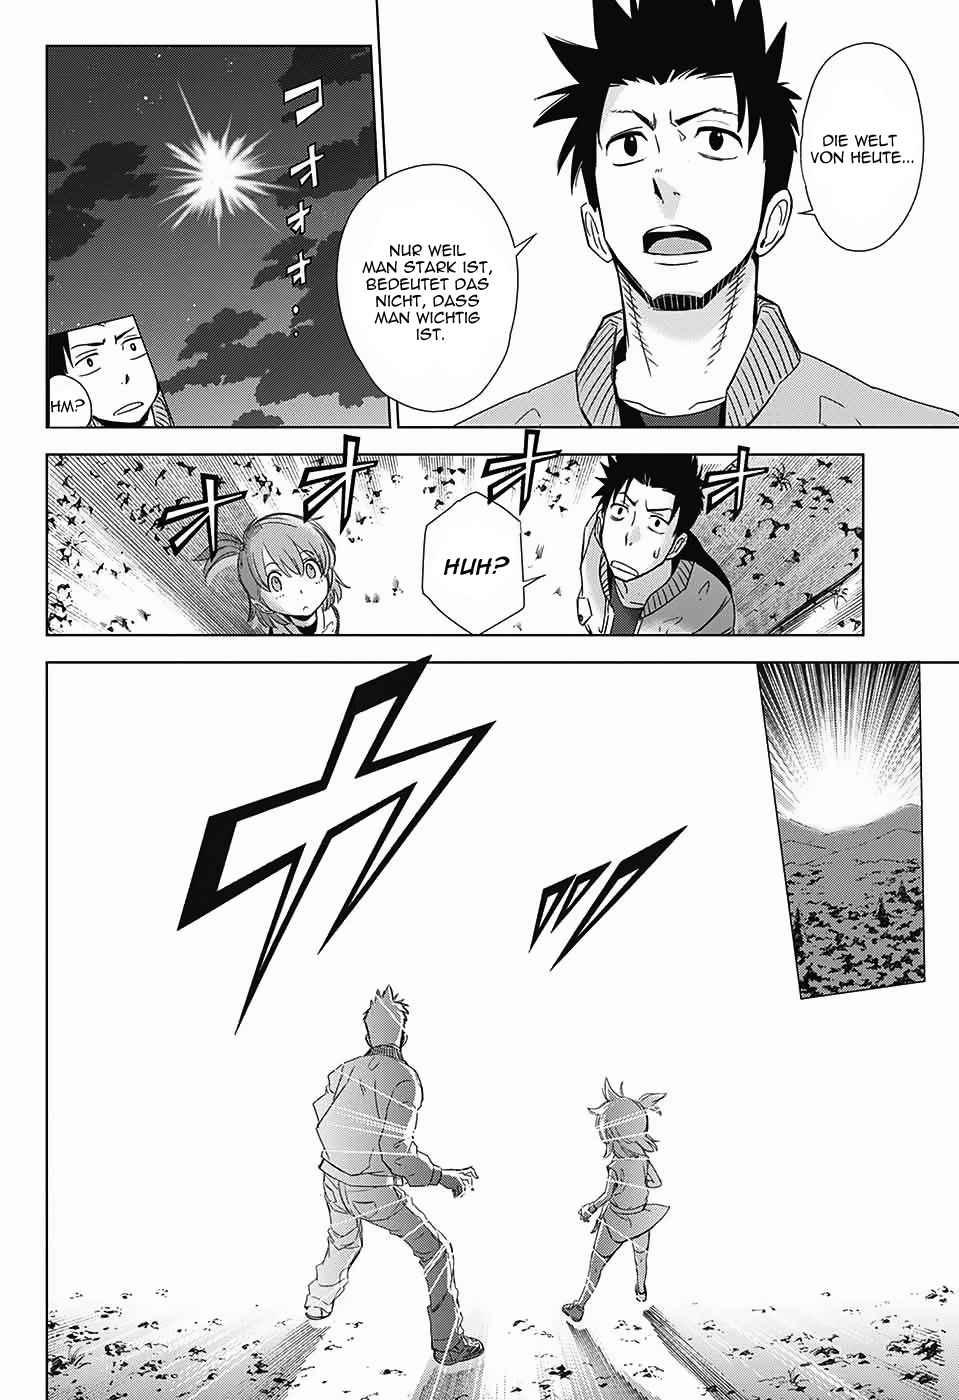 https://wie.mangadogs.com/comics/pic/42/810/286981/b7a67633eed3d4aad8a6eeb0b88057ca.jpg Page 7